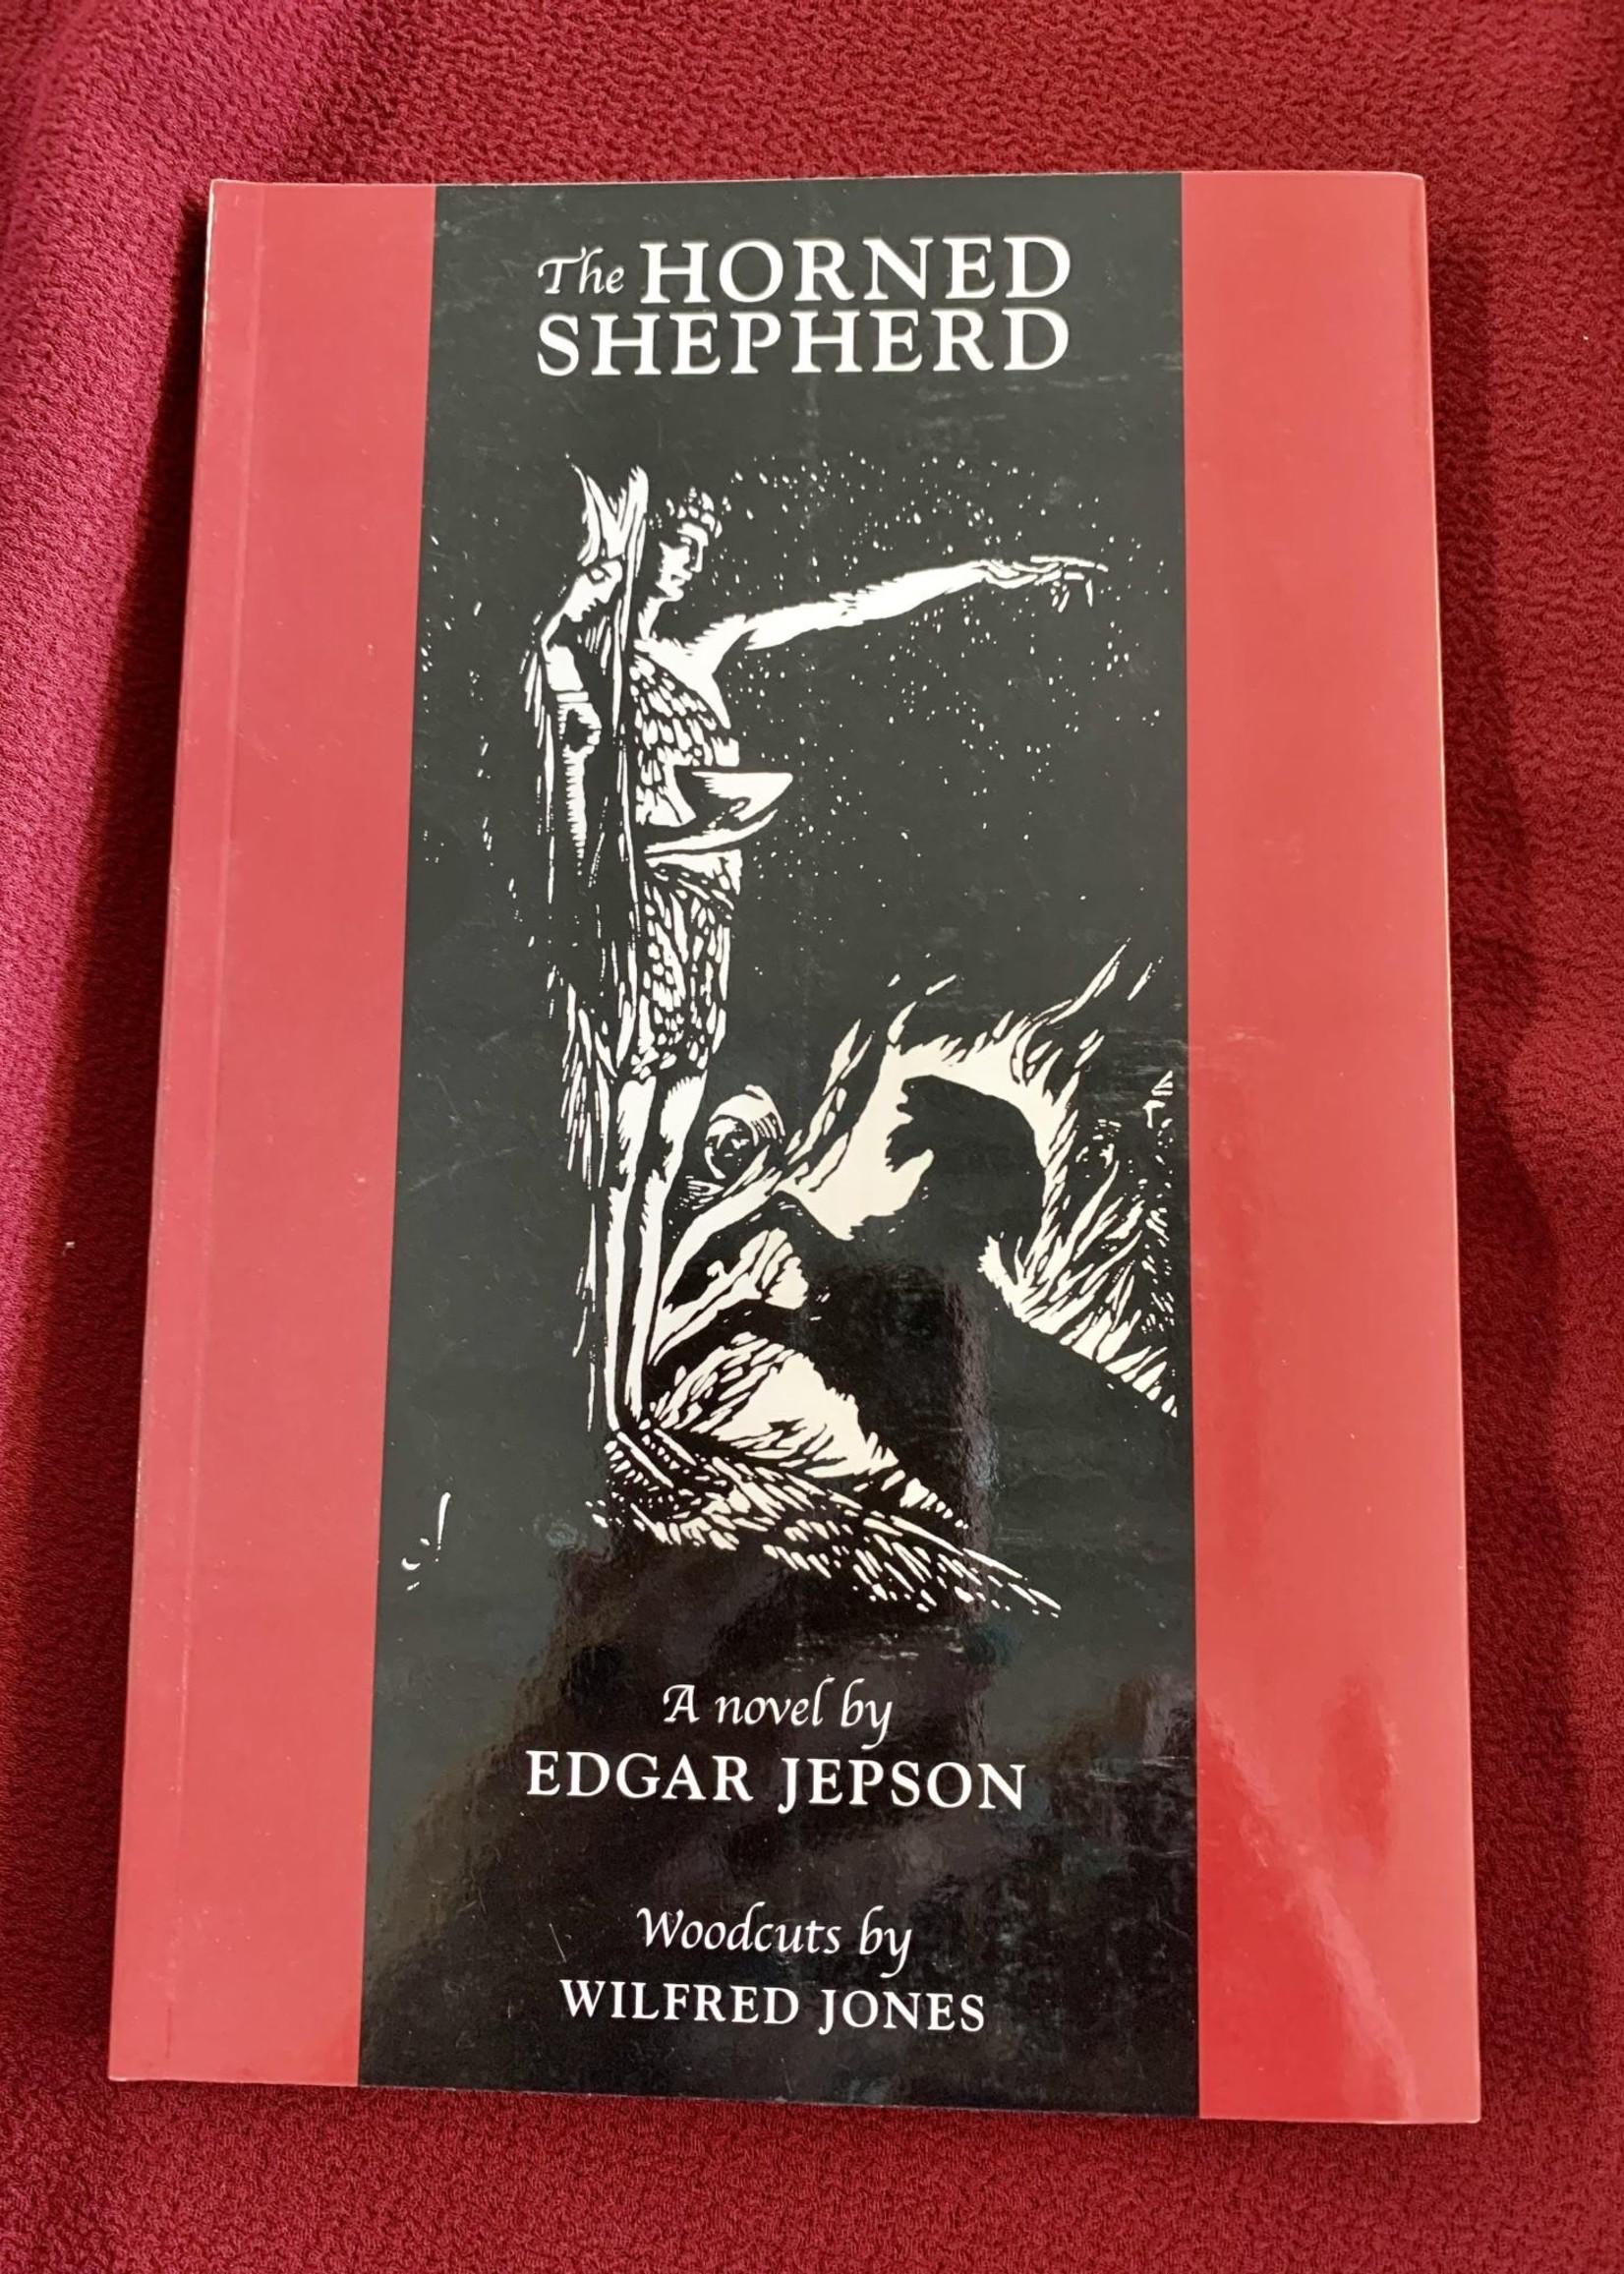 The Horned Shepherd -  Edgar Jepson, Illustrations by Wilfred Jones